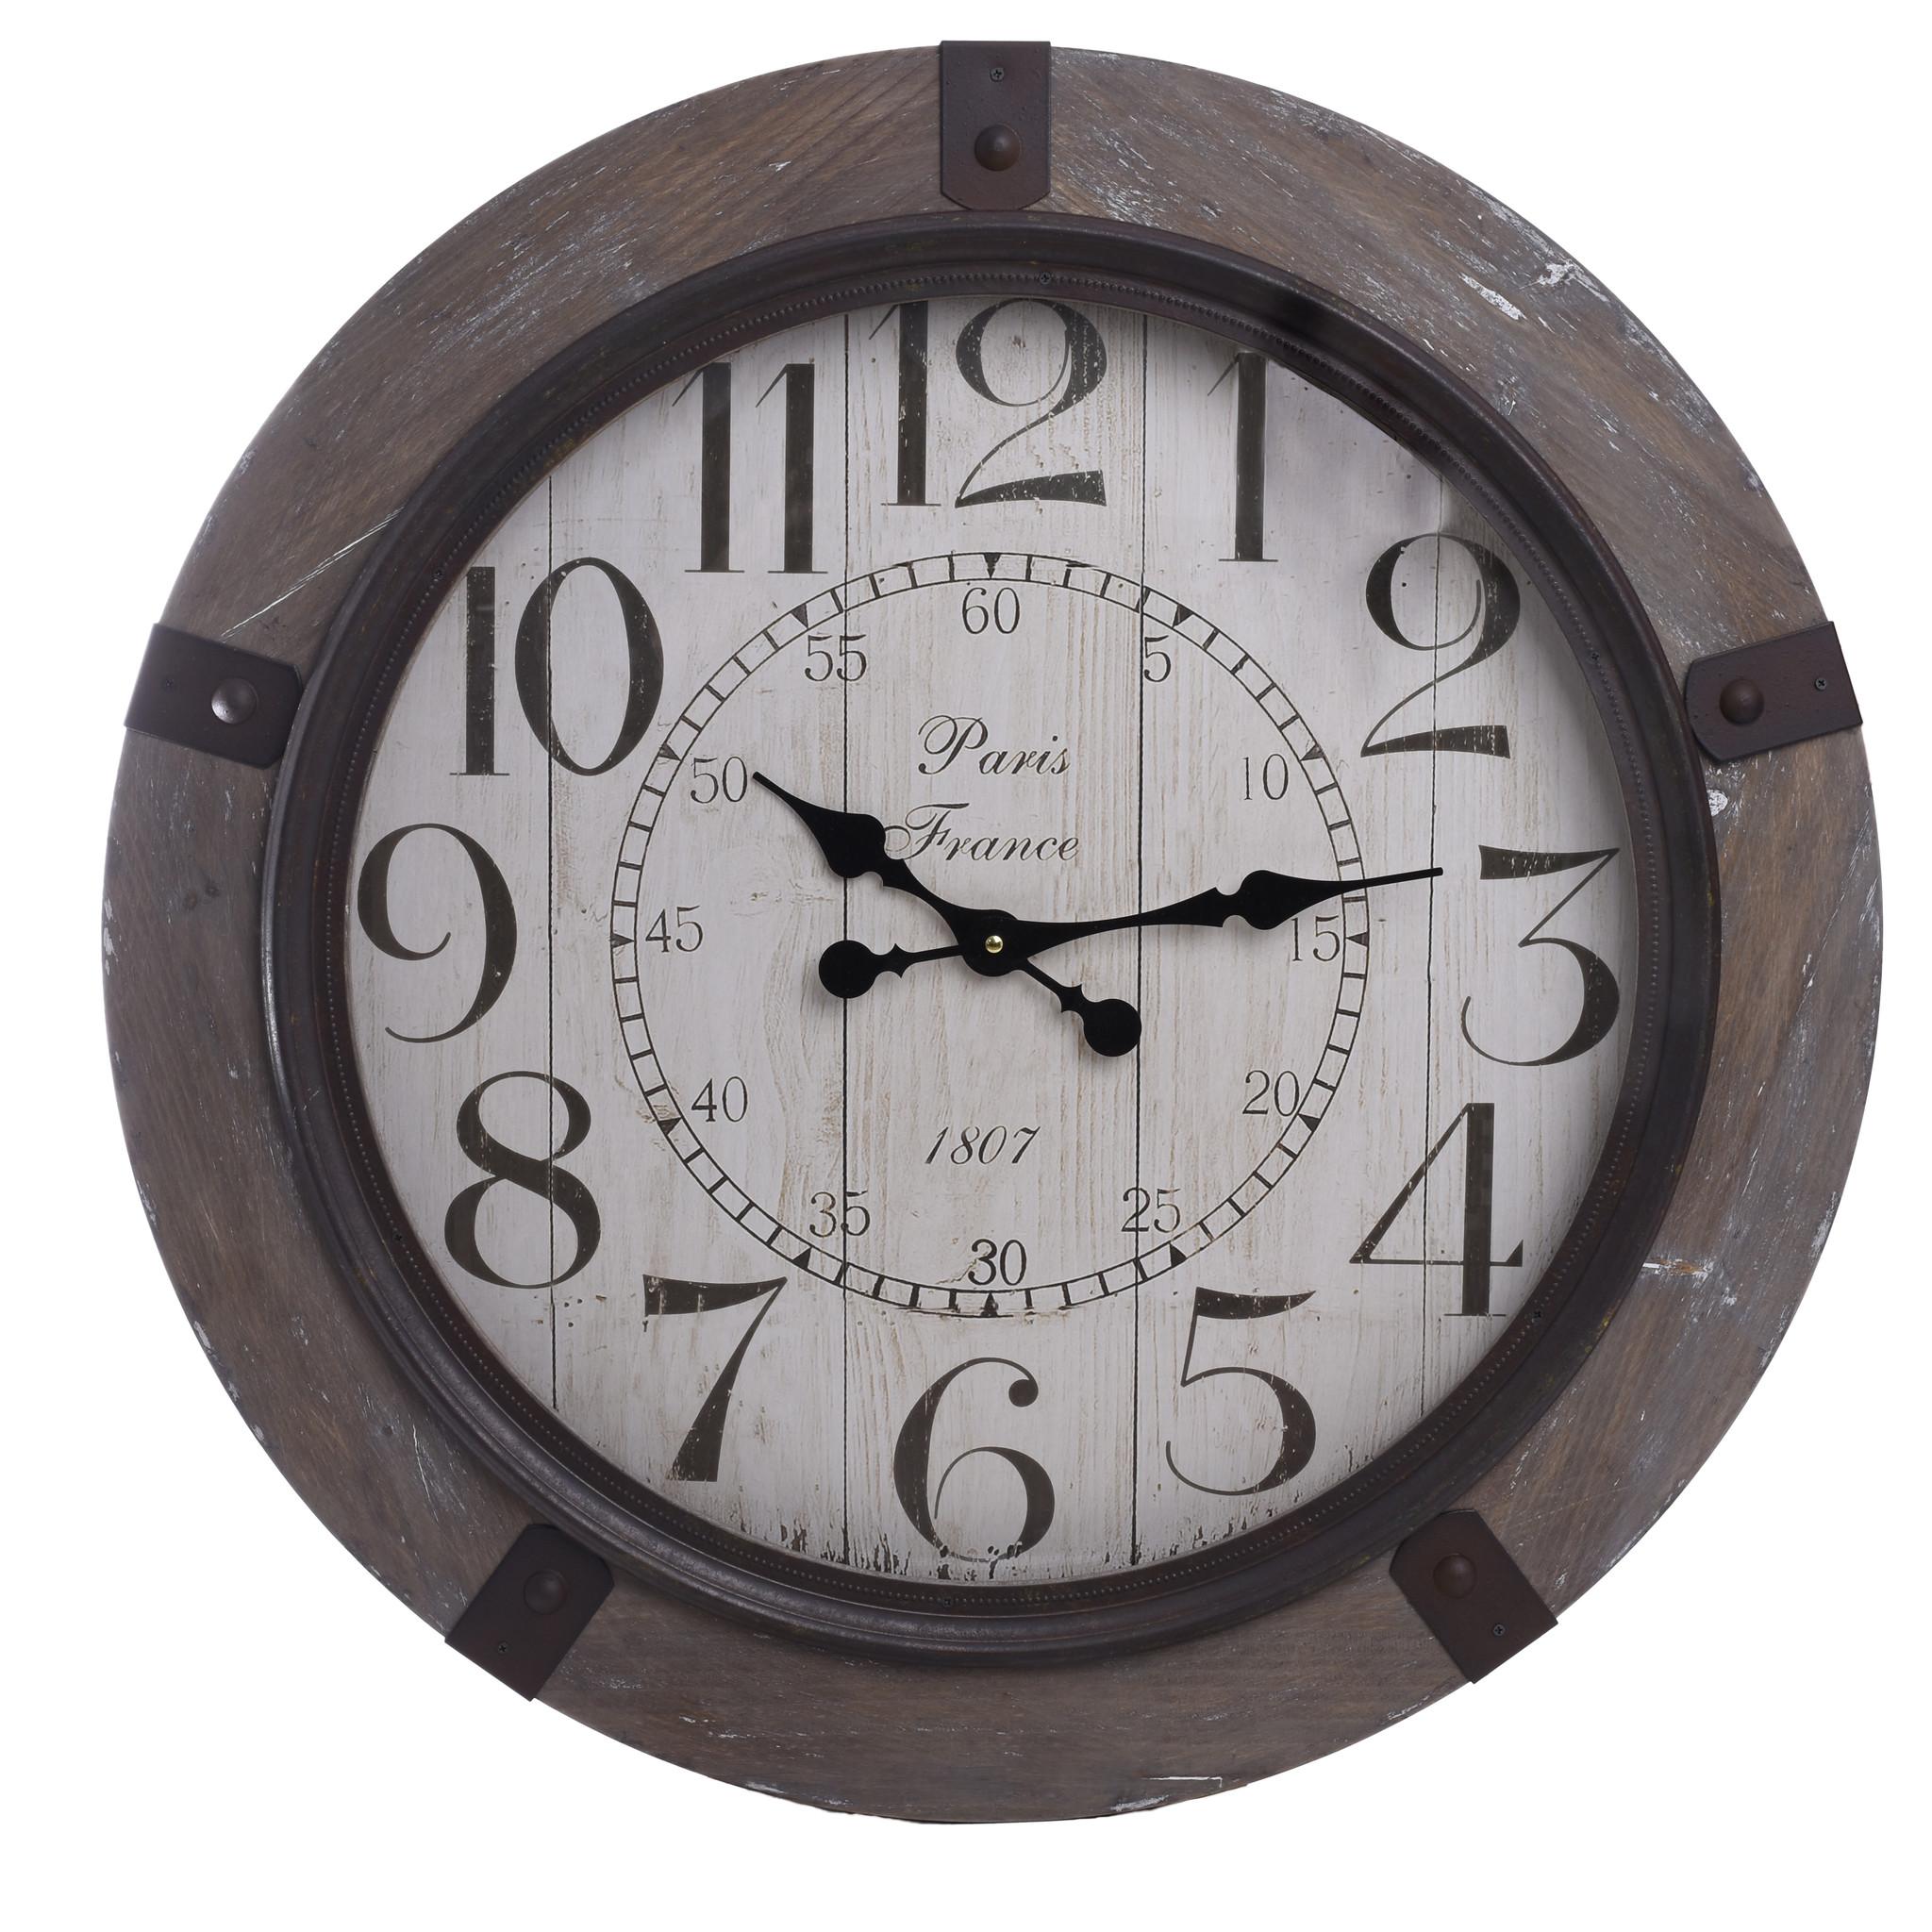 помощью часы на фотографии предложить